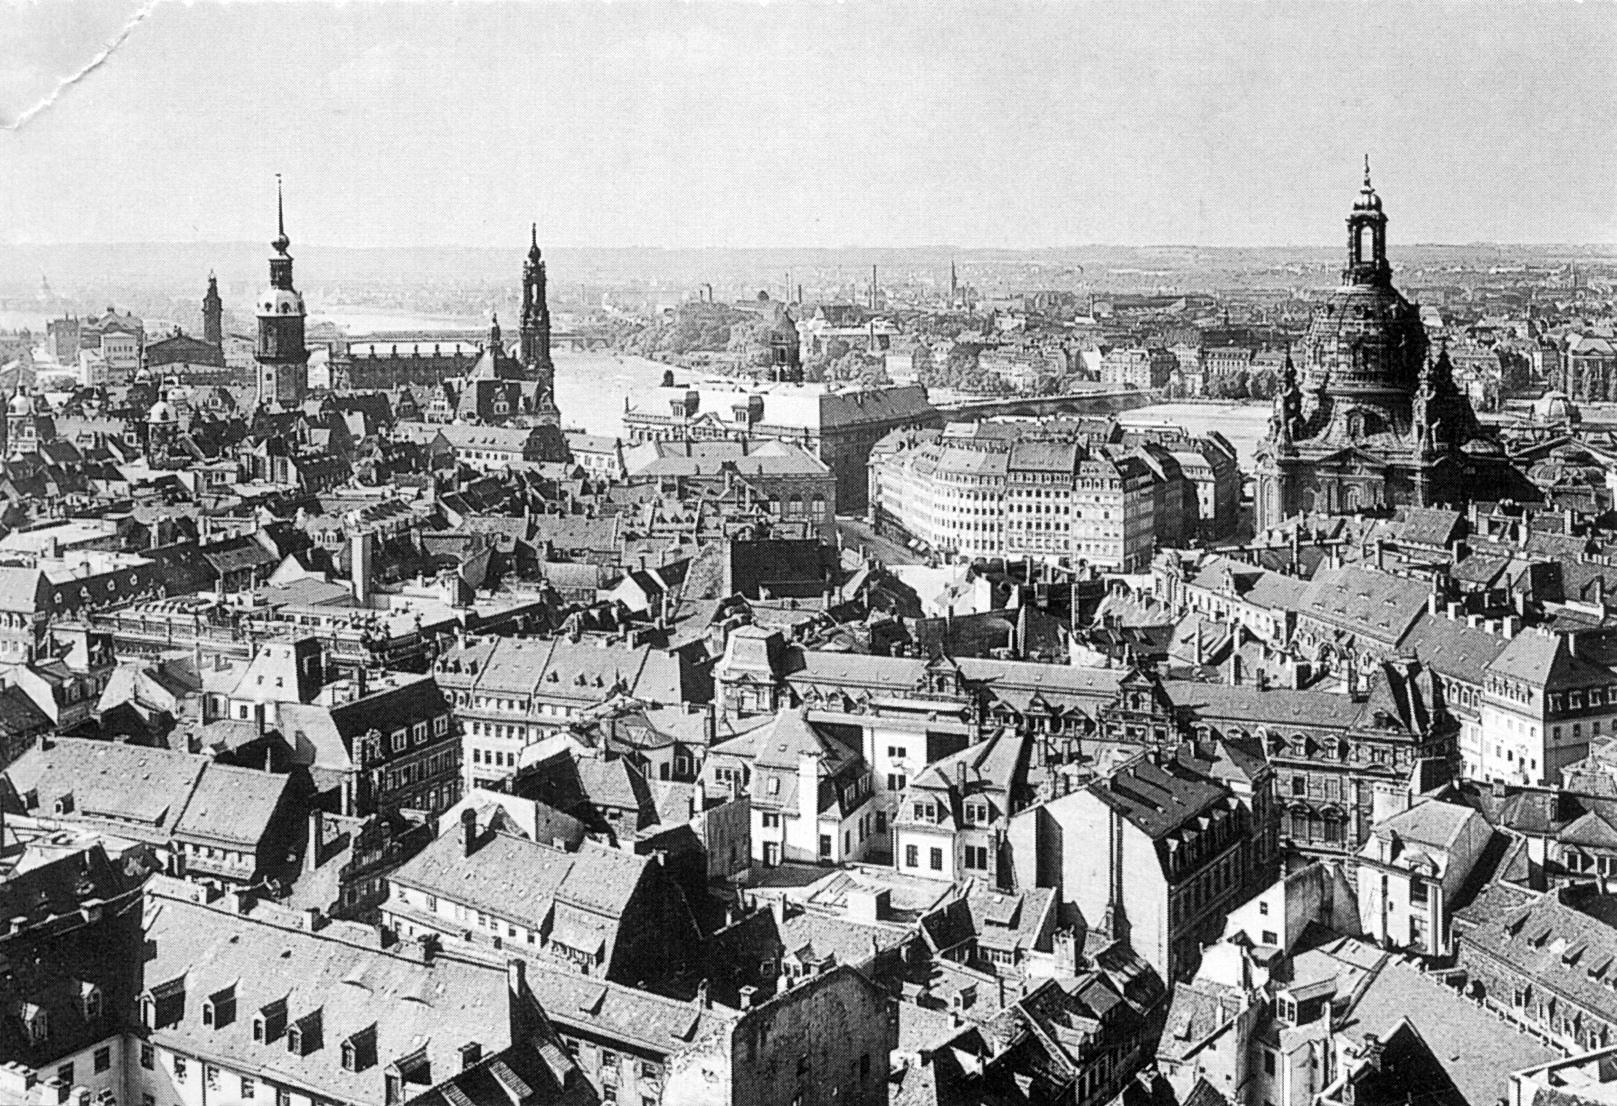 Dresda nel 1910. Immagine di dominio pubblico.